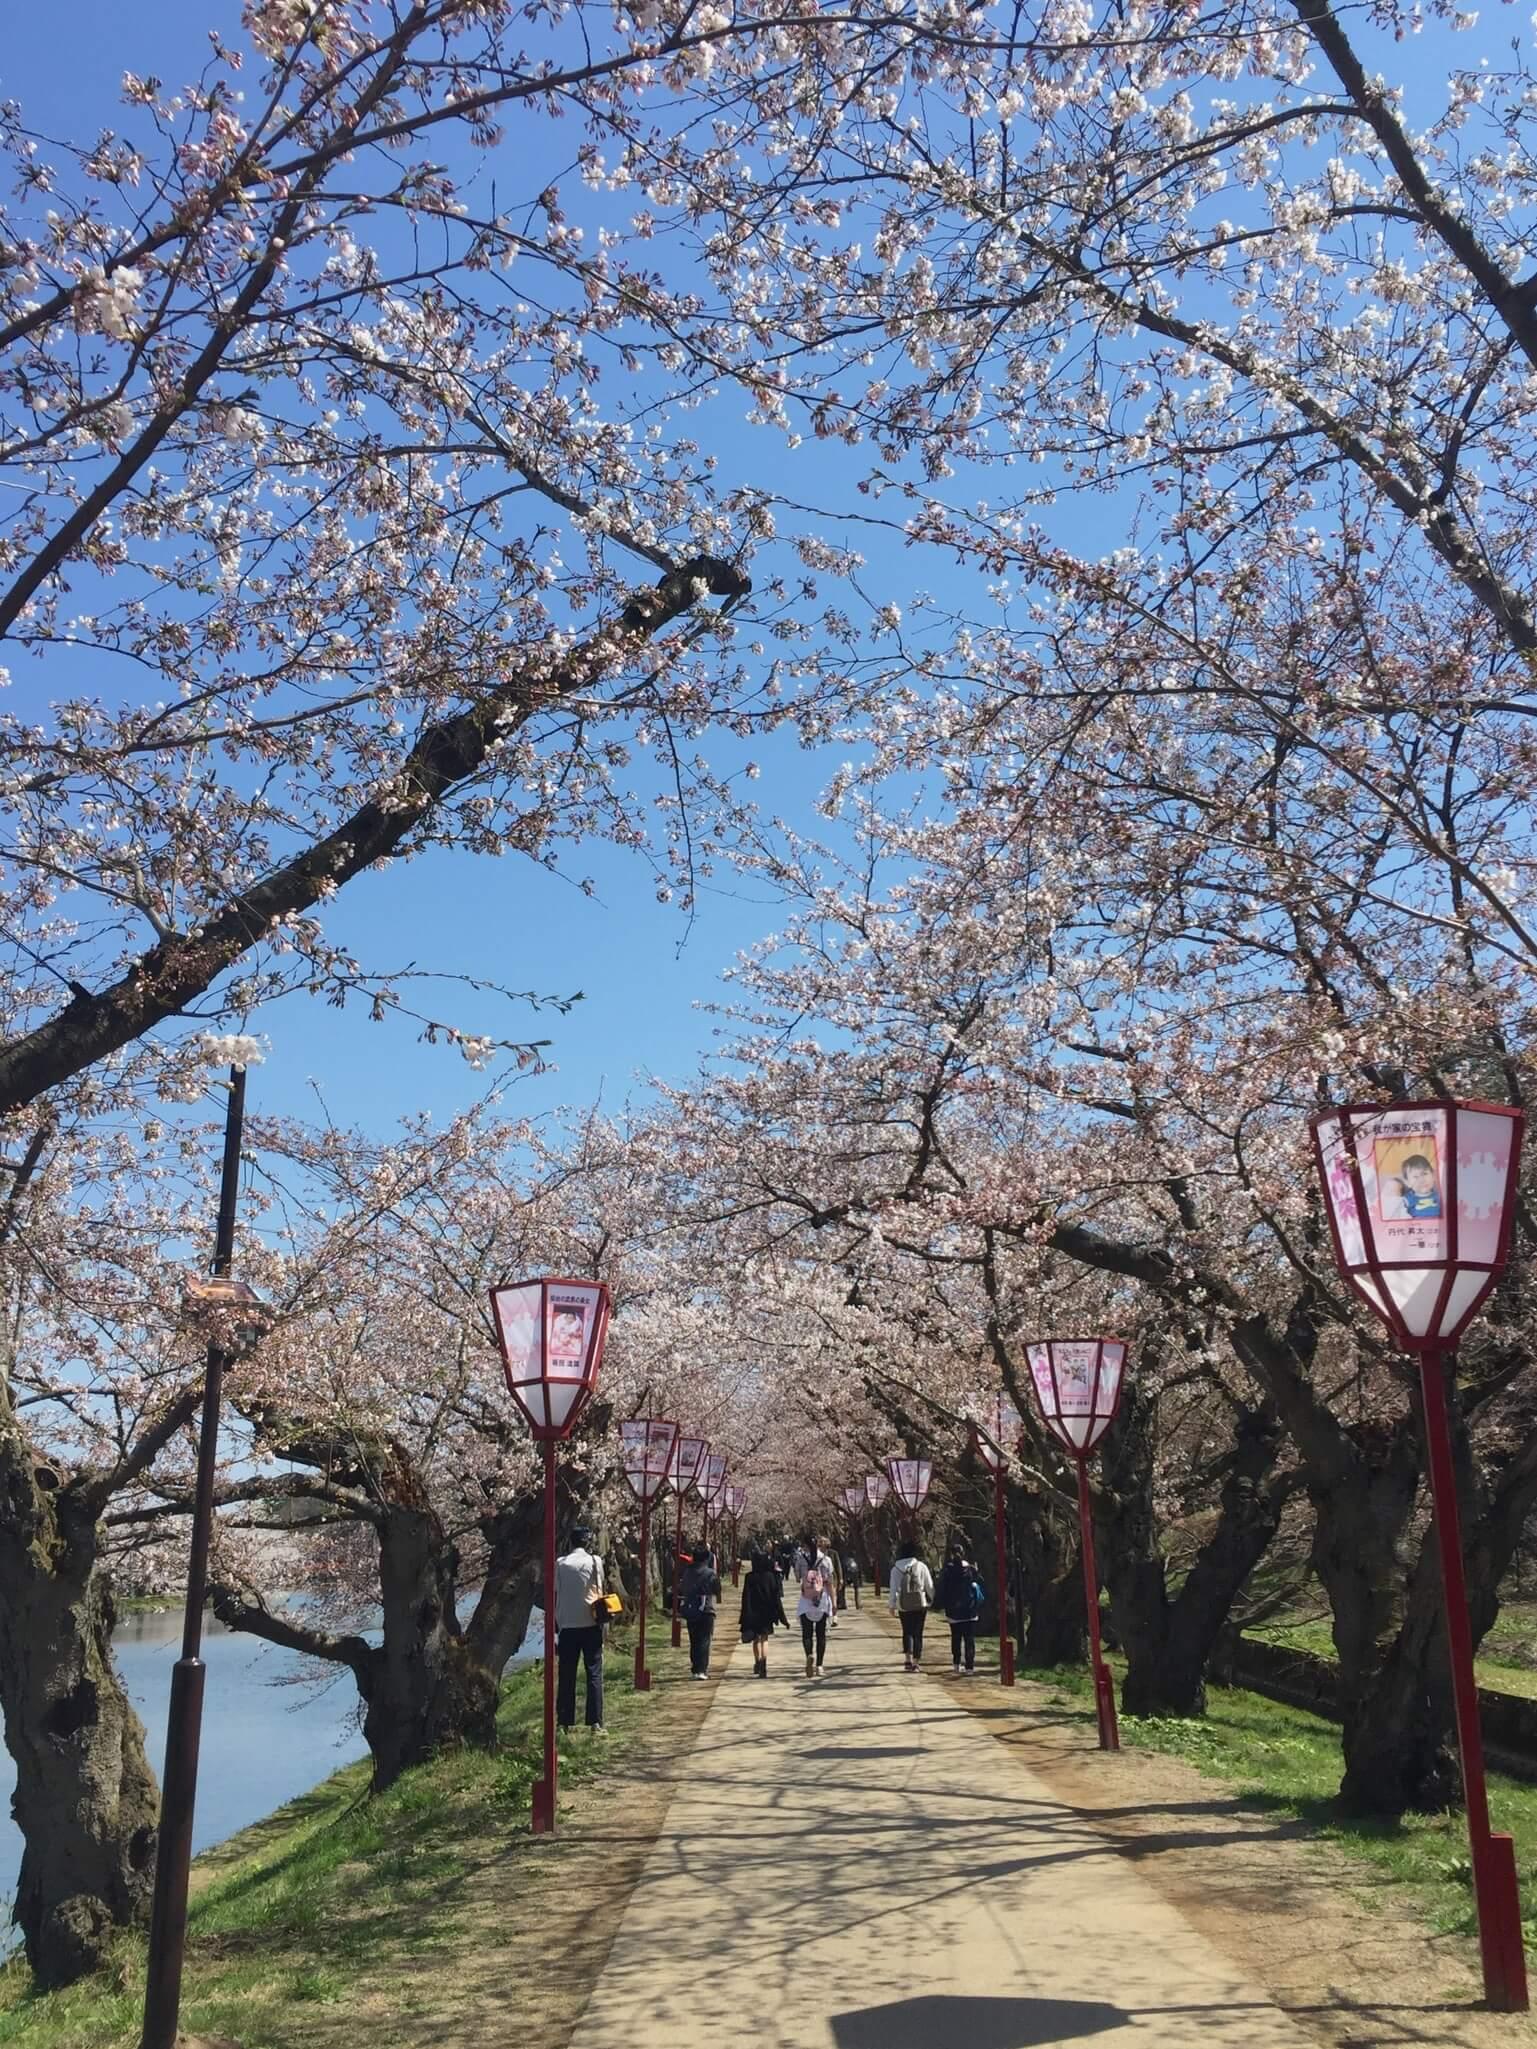 西濠沿路的櫻花大道。